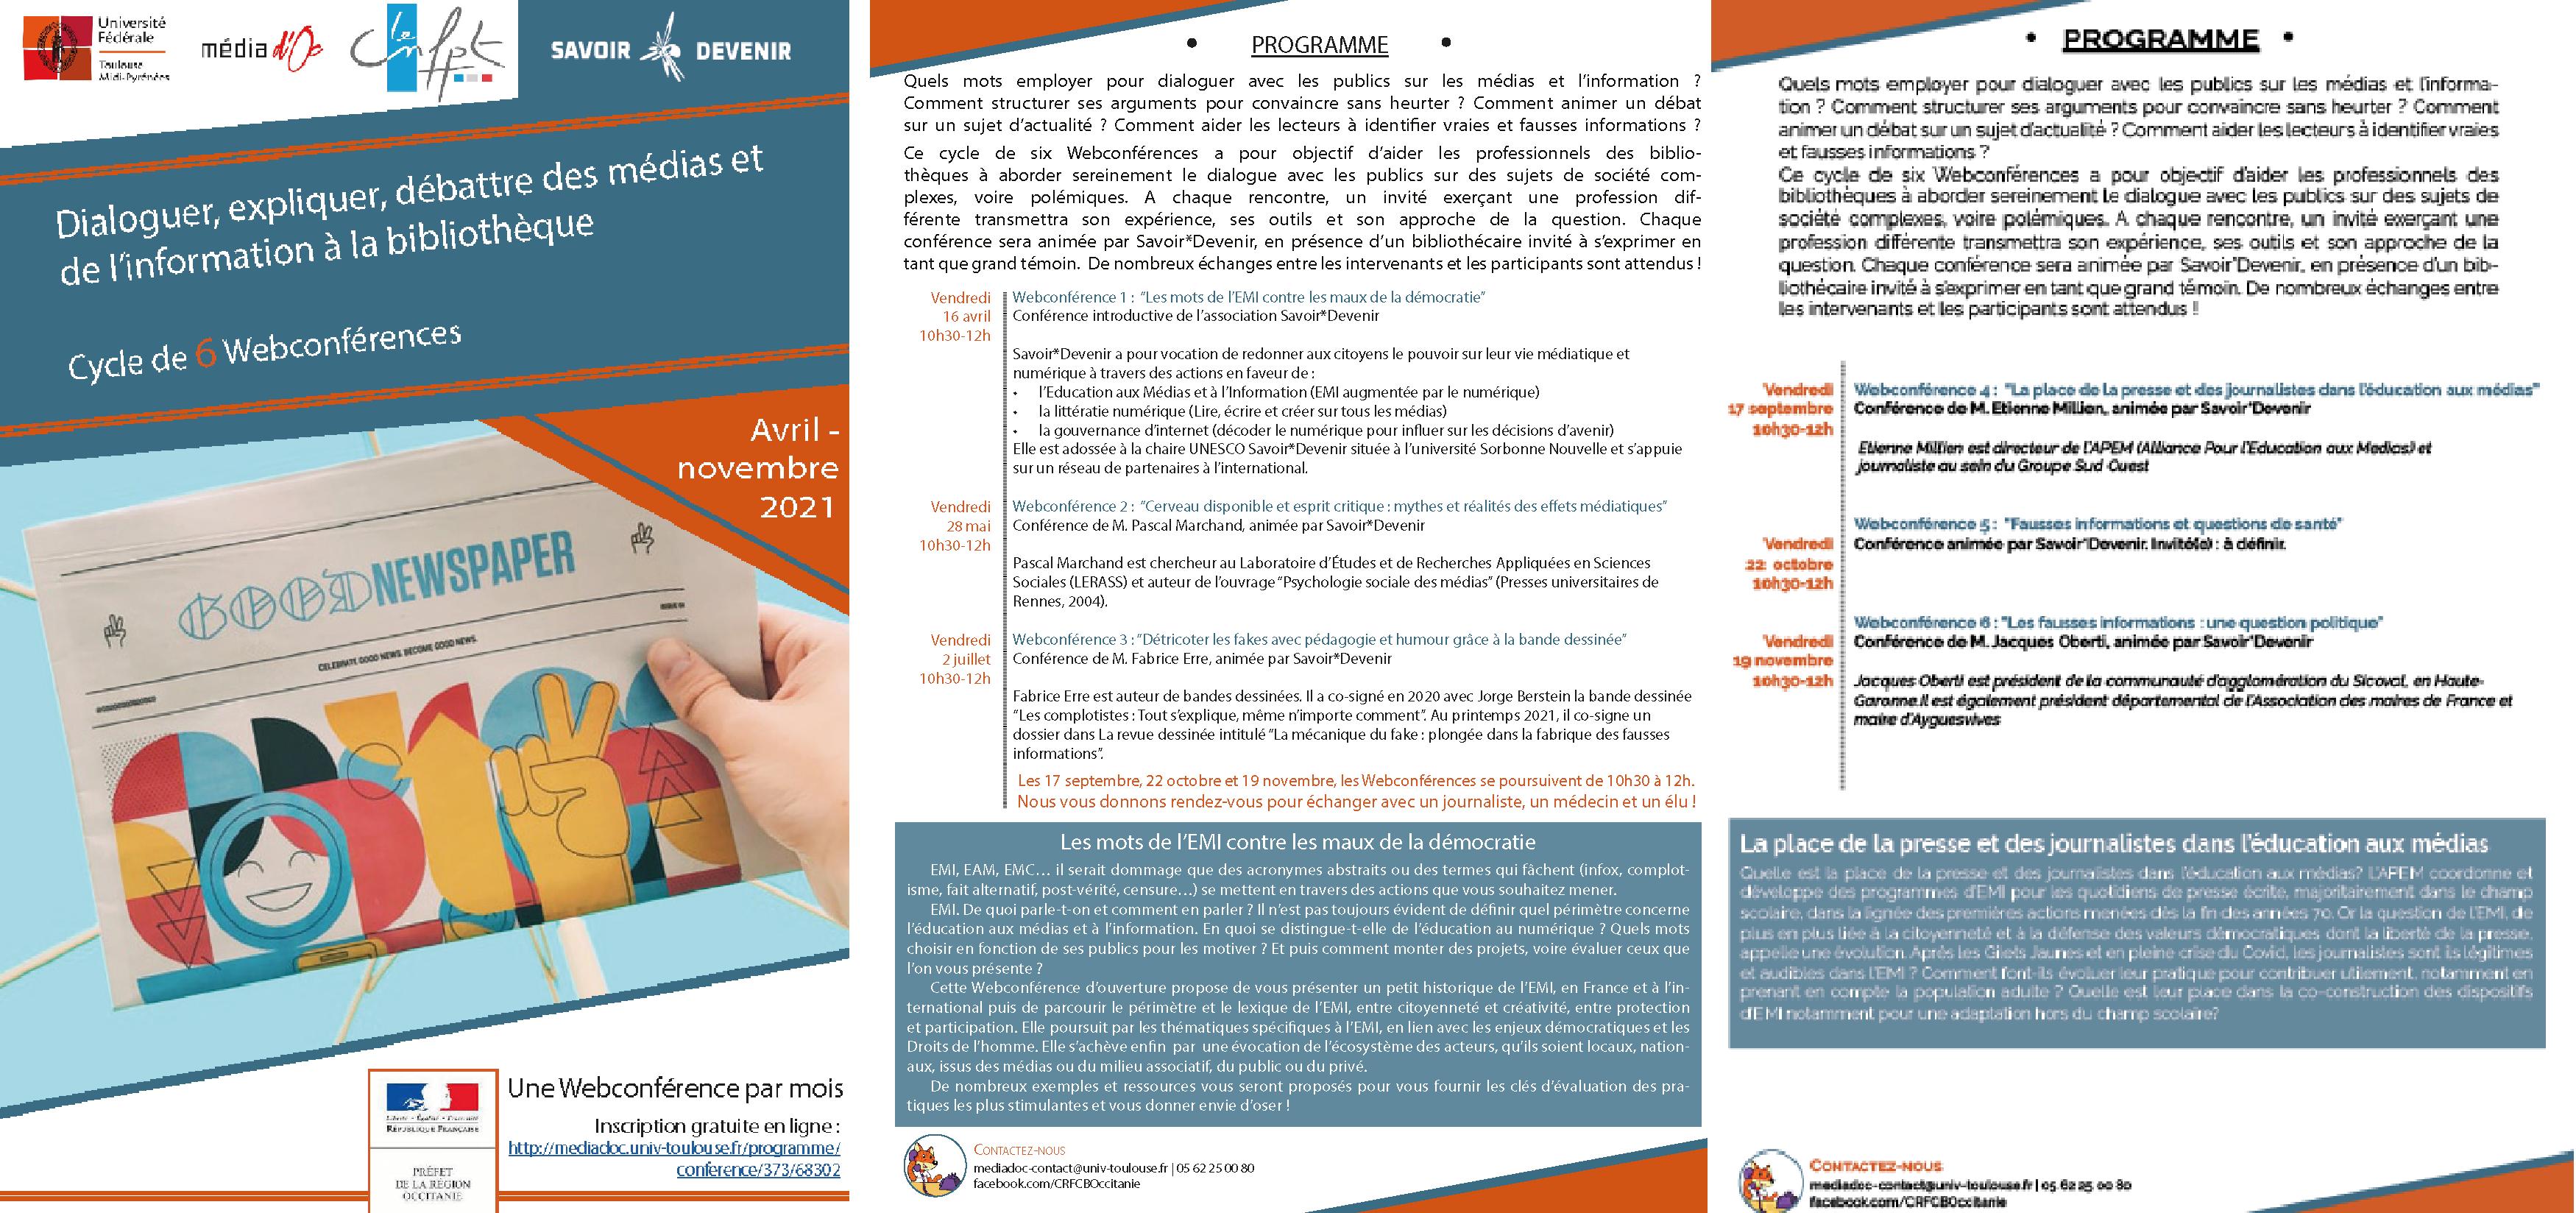 image du programme webconférence emi